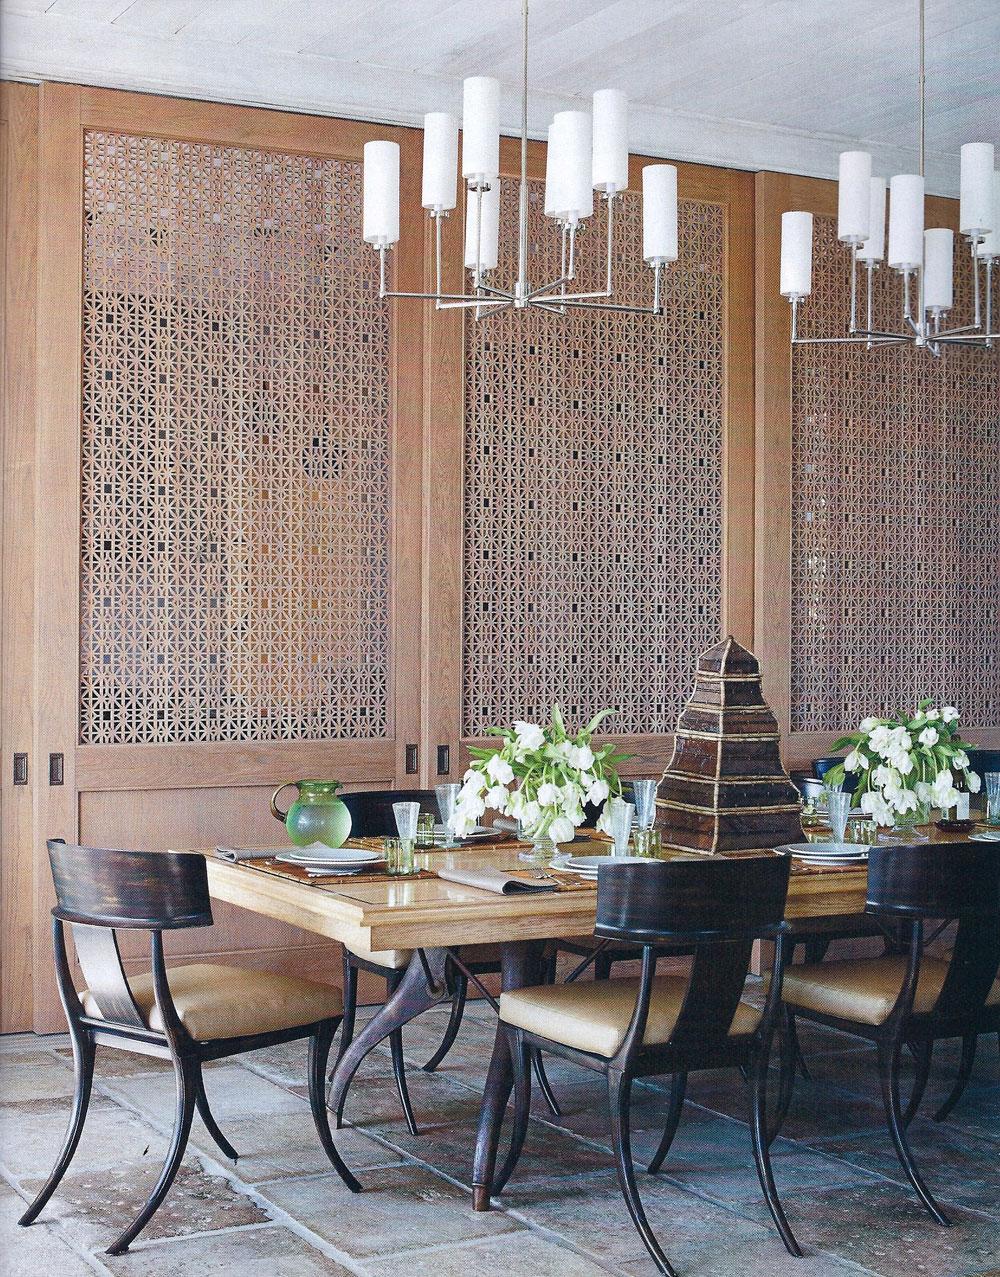 Arapski stil se karakteriše geometrizmom, stilizovanim figurama